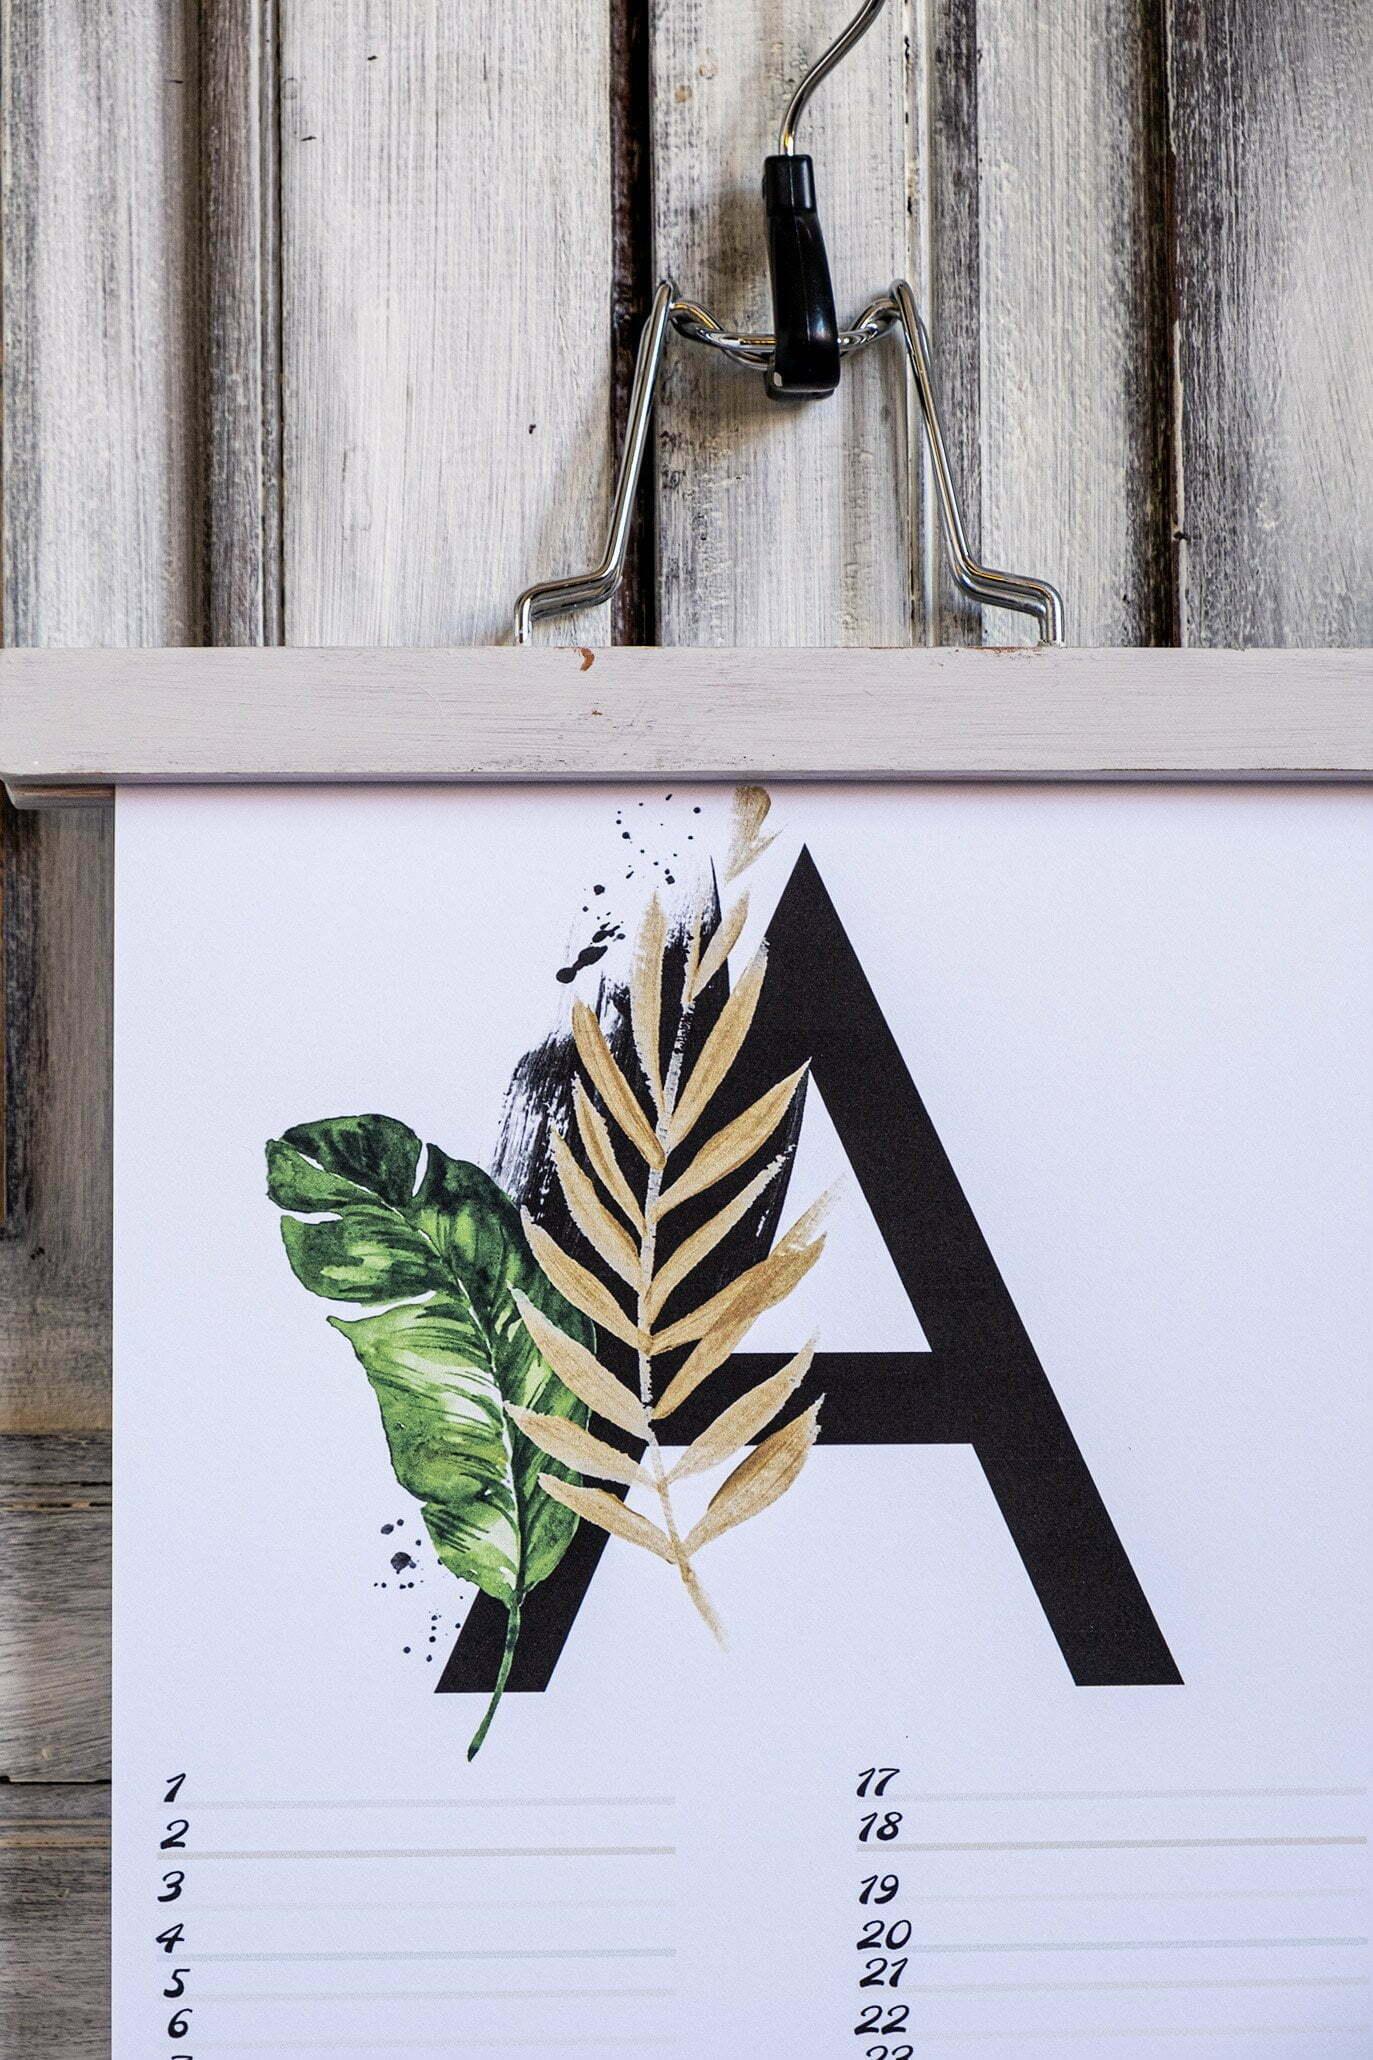 Gratis verjaardagskalender alfabet van April – Nr.4